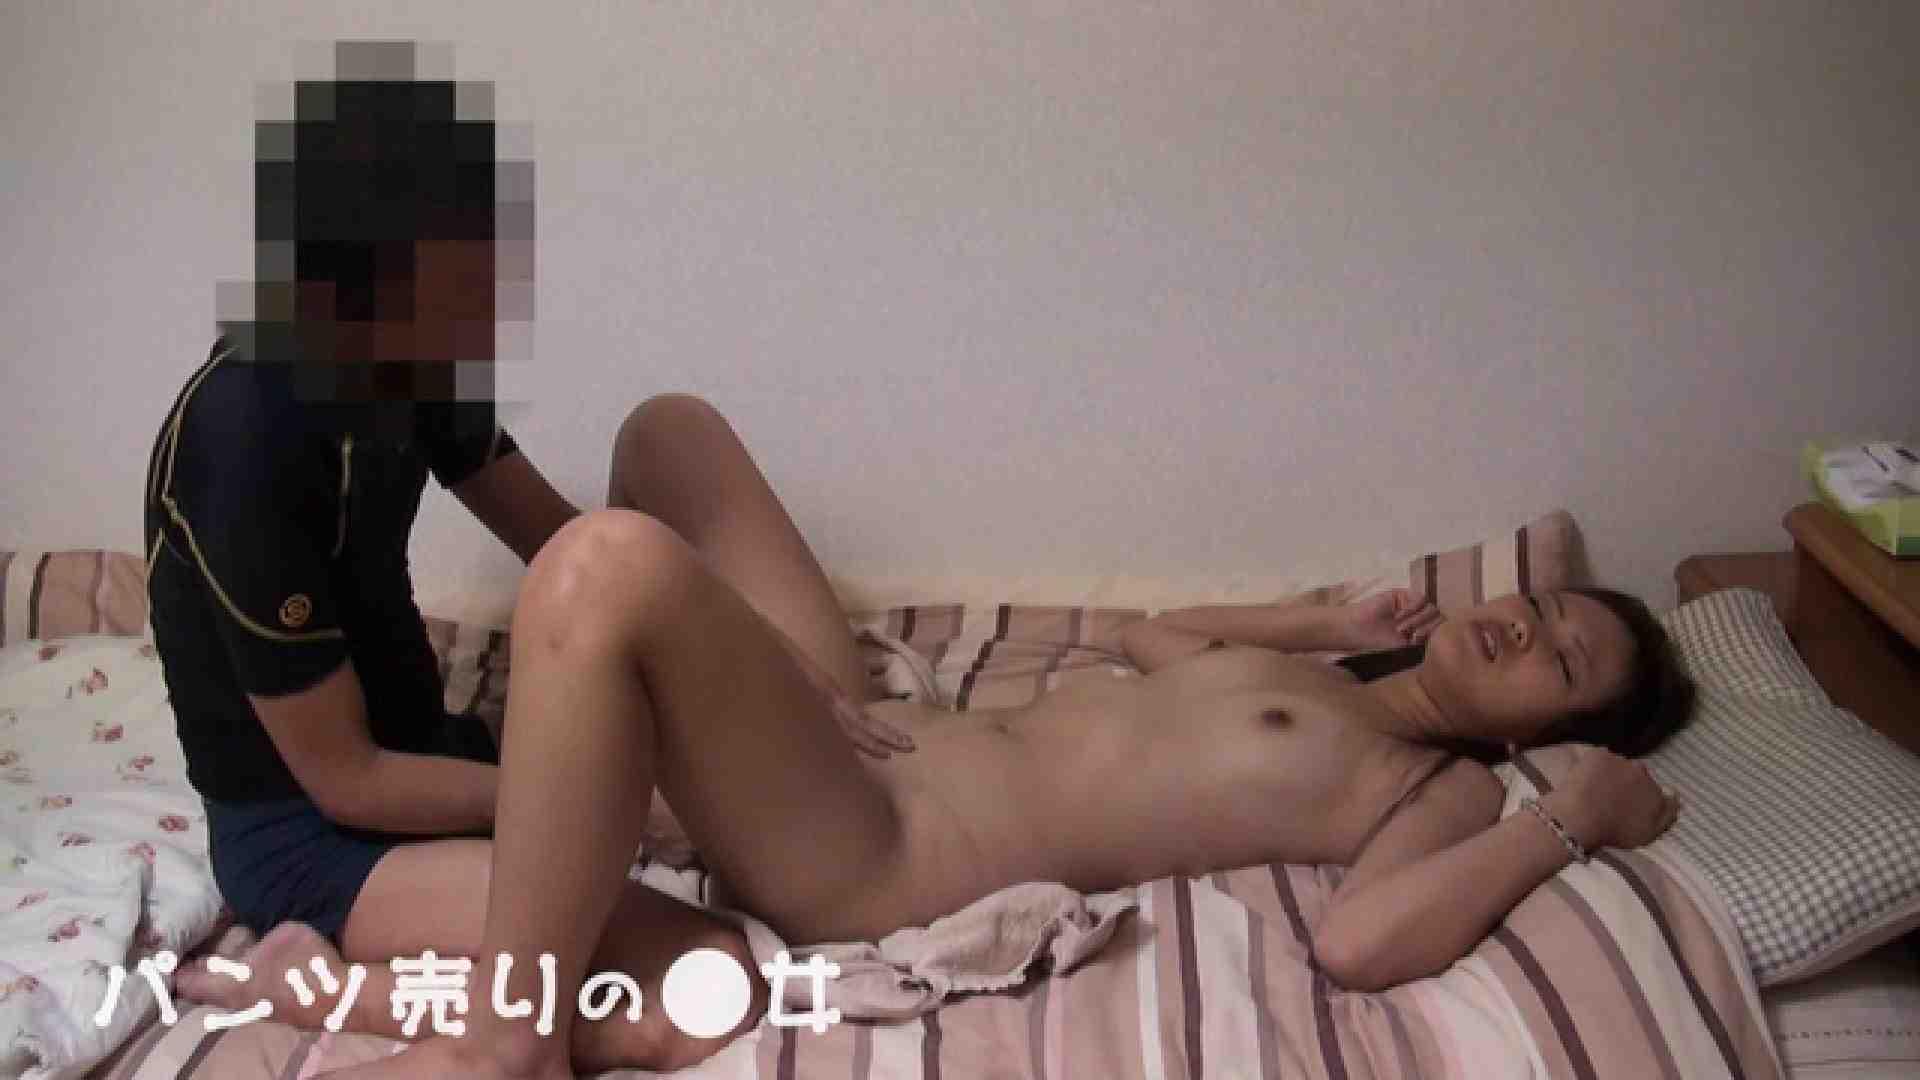 新説 パンツ売りの女の子ayu02 シャワー  96連発 69